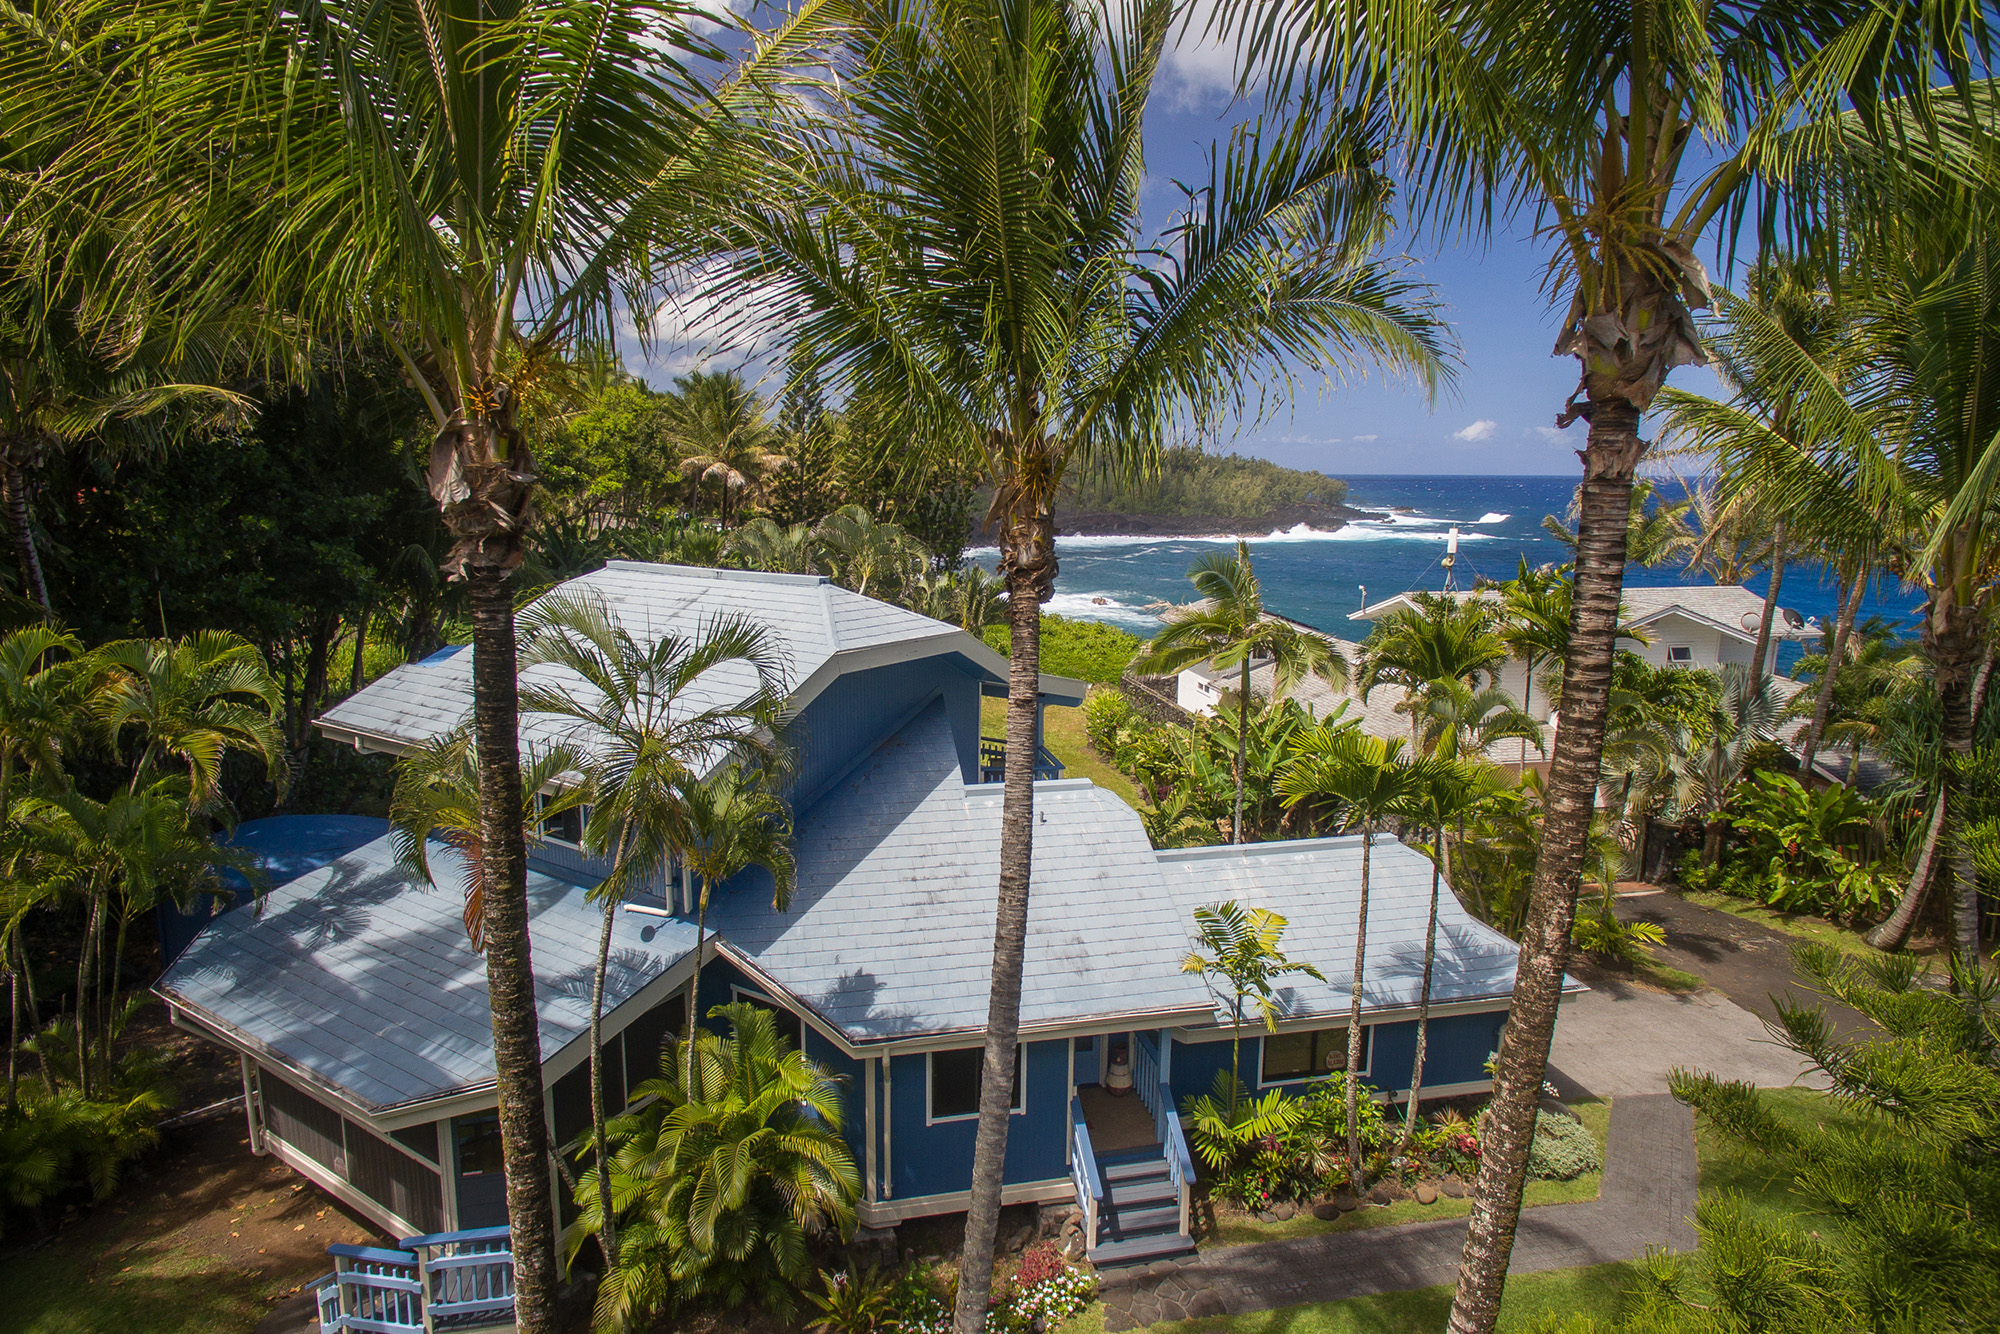 Hawaii Vacation Rental Home, Best Ocean view homes big island hawaii